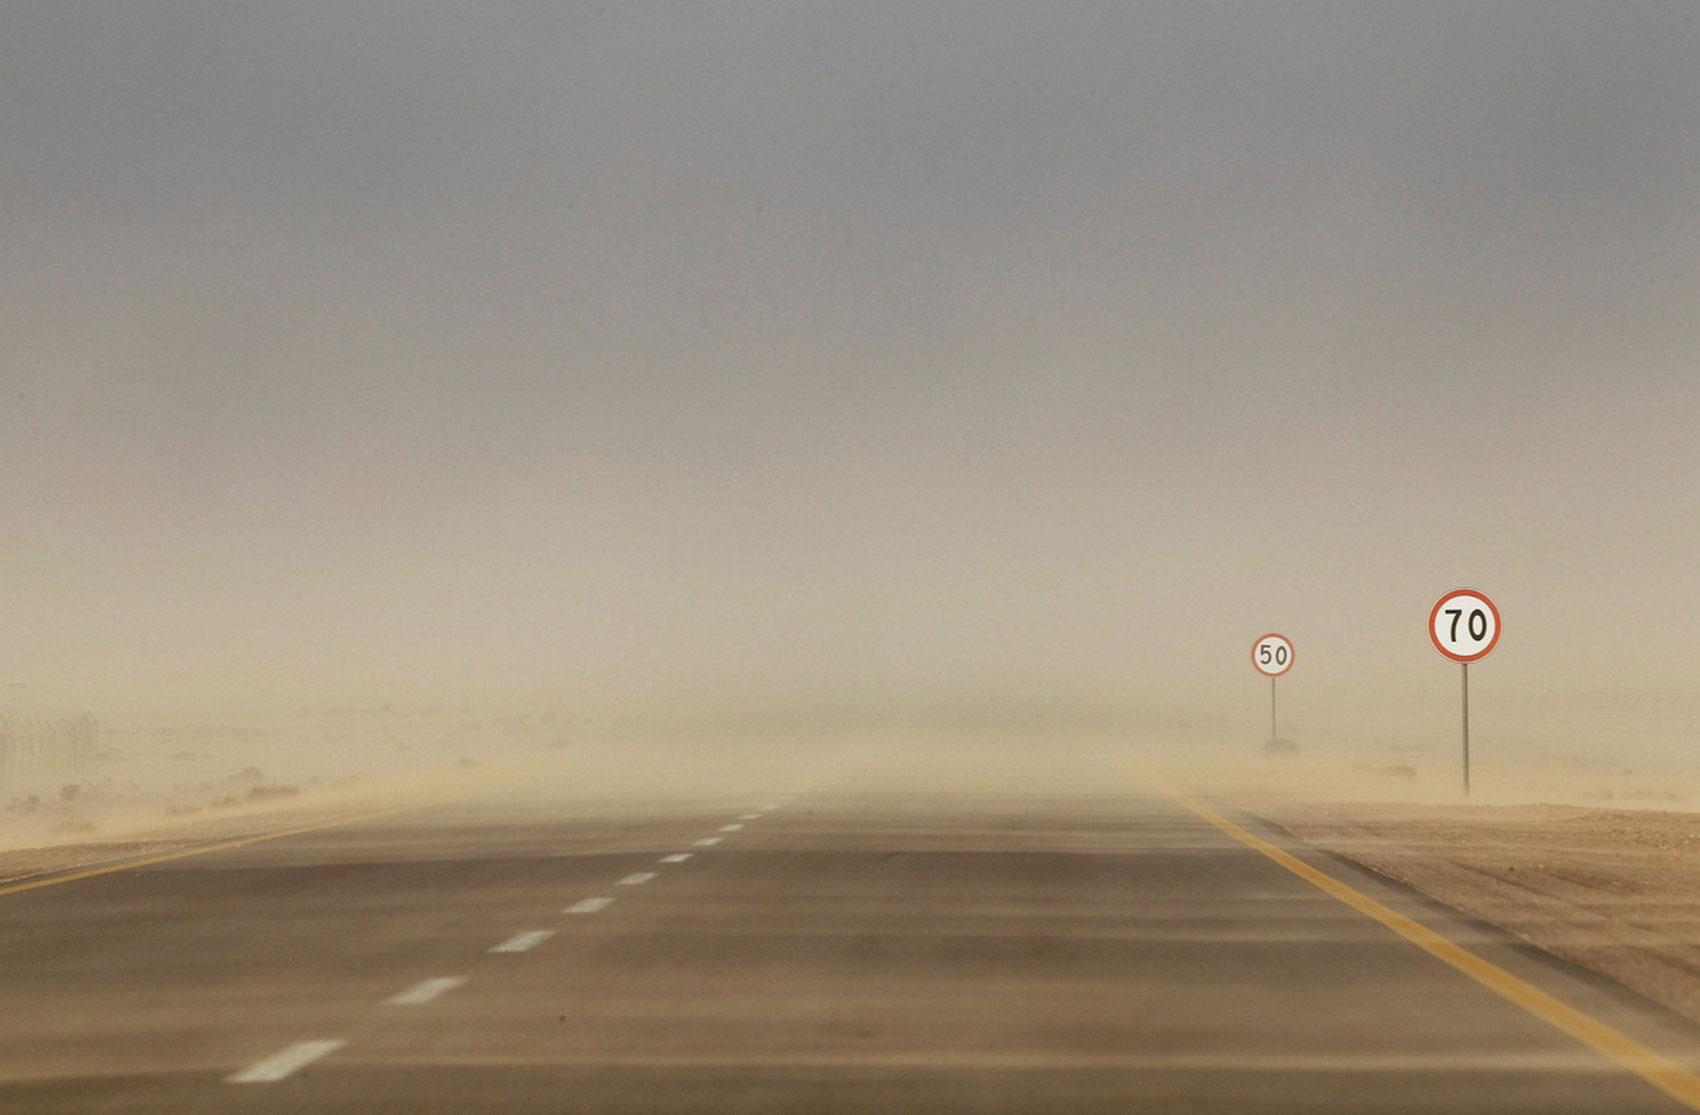 шоссе в Ливии, фото